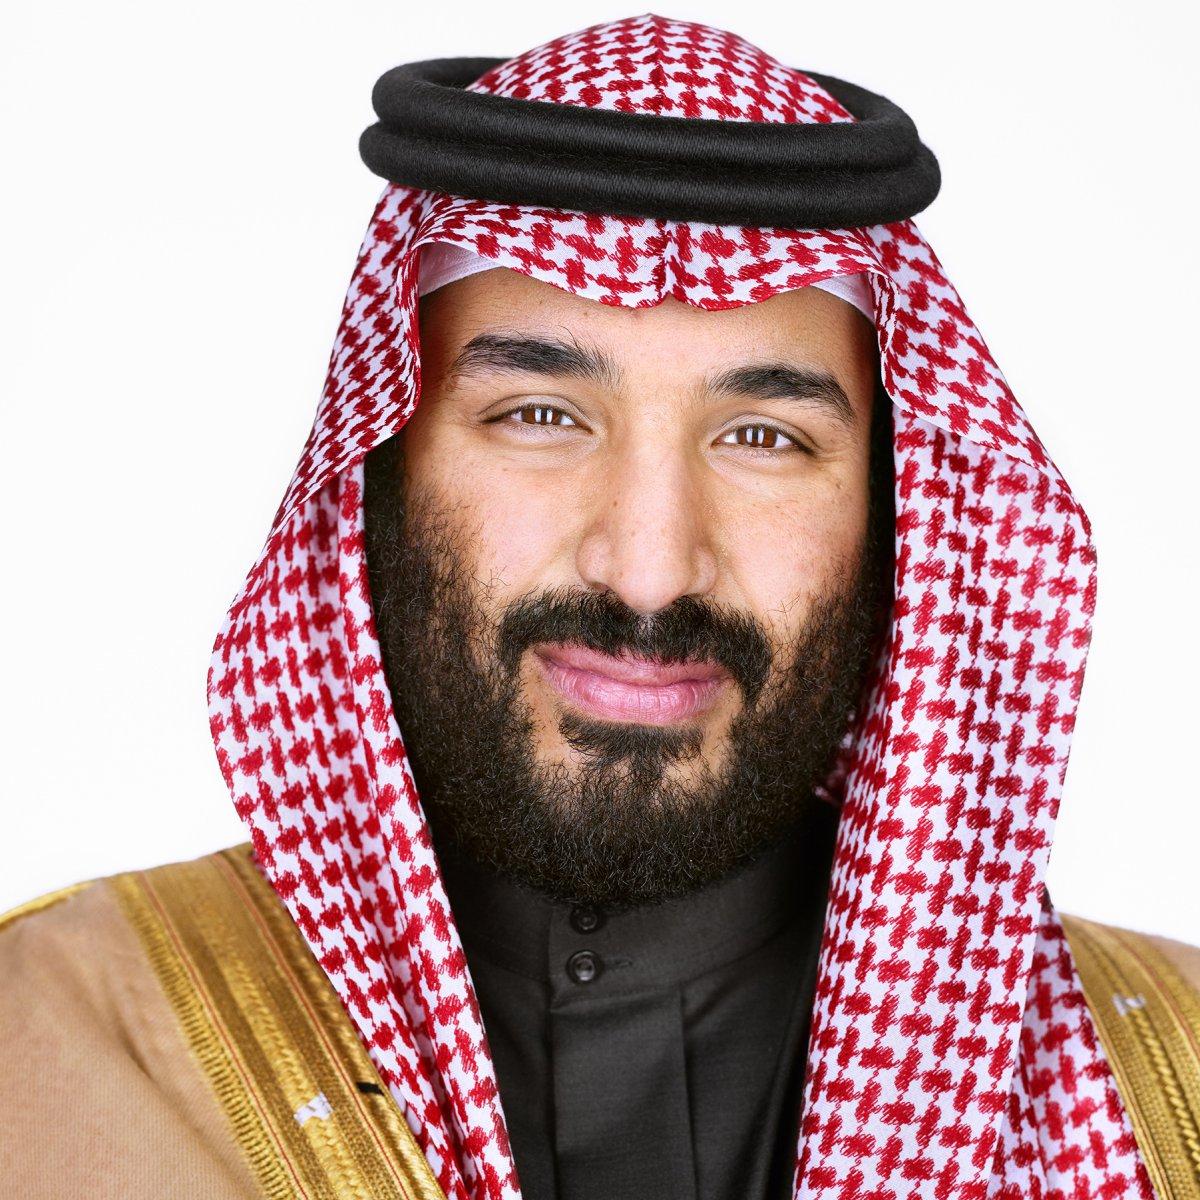 الملك محمد بن سلمان